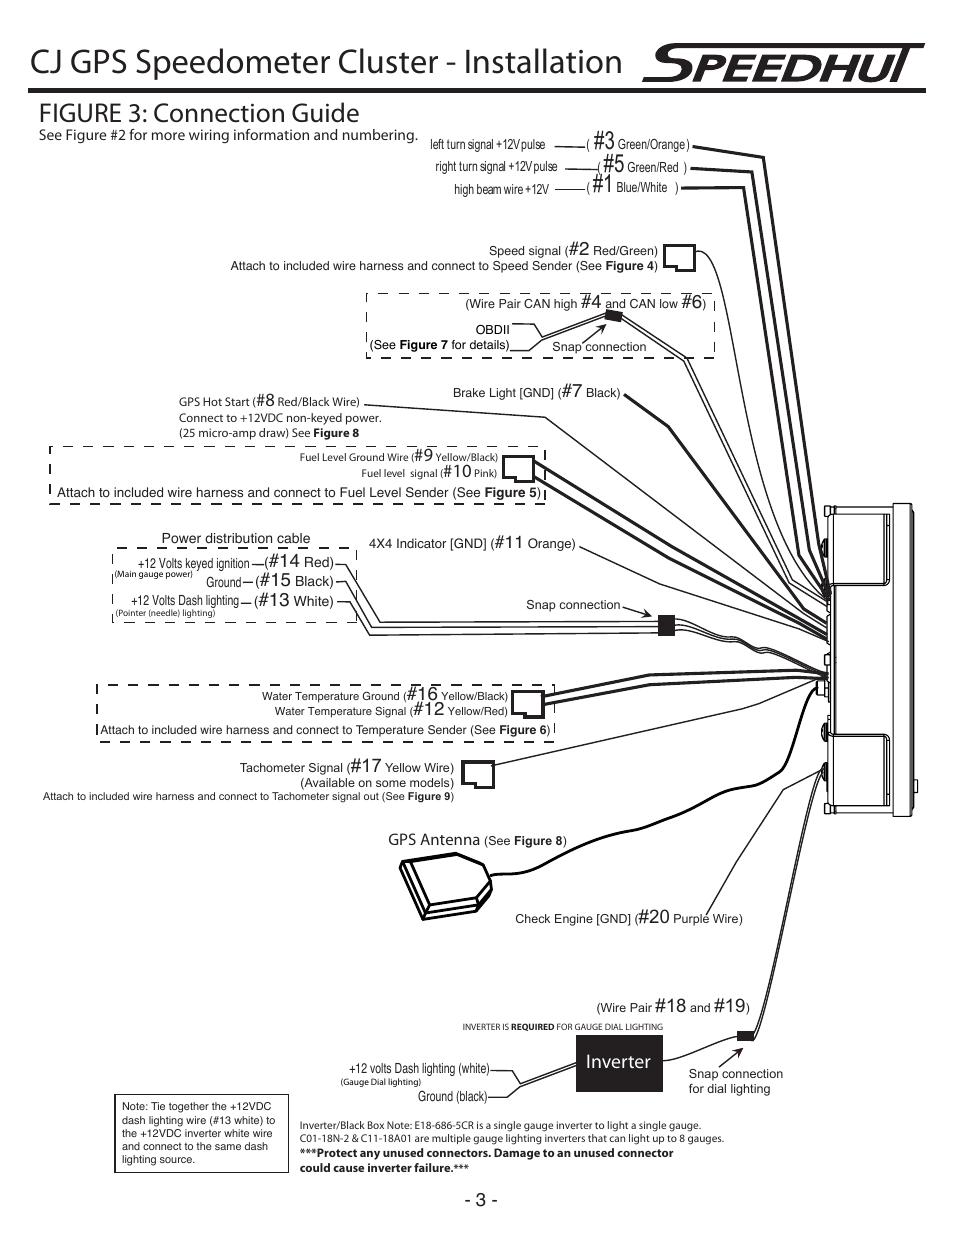 medium resolution of cj gps speedometer cluster installation figure 3 connection guide inverter speedhut